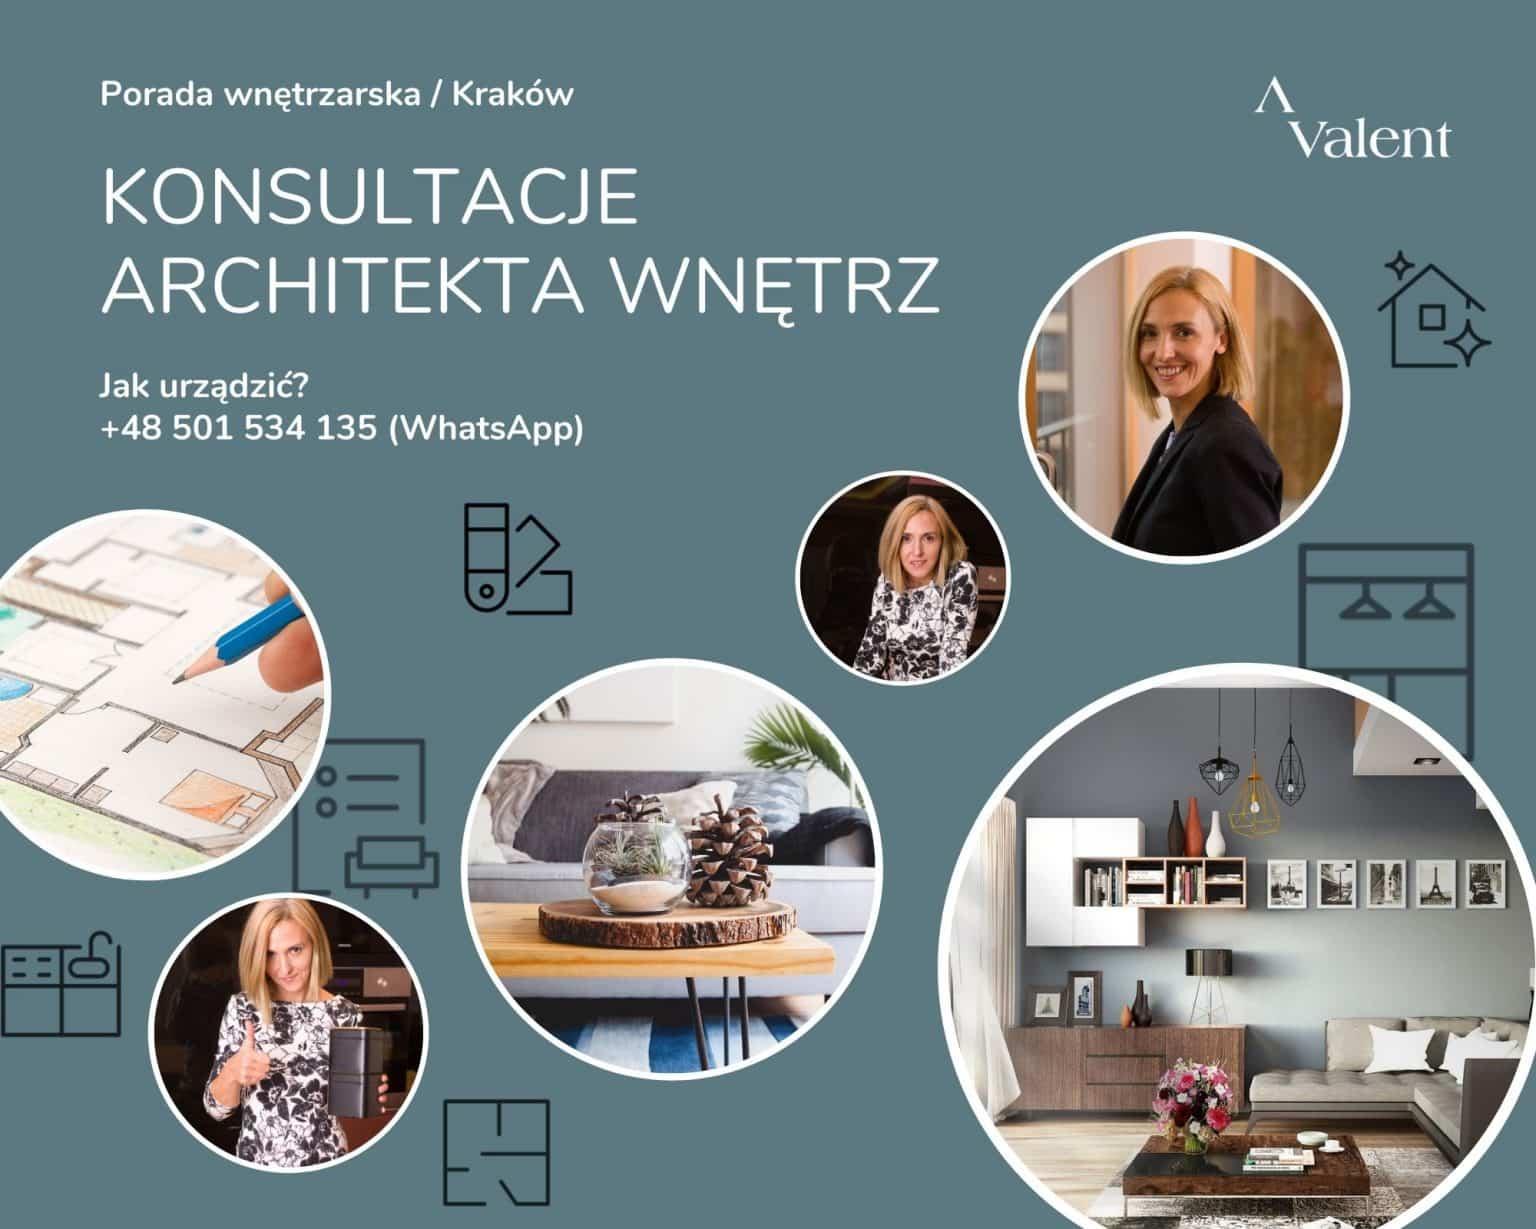 Konsultacje architekta wnętrz